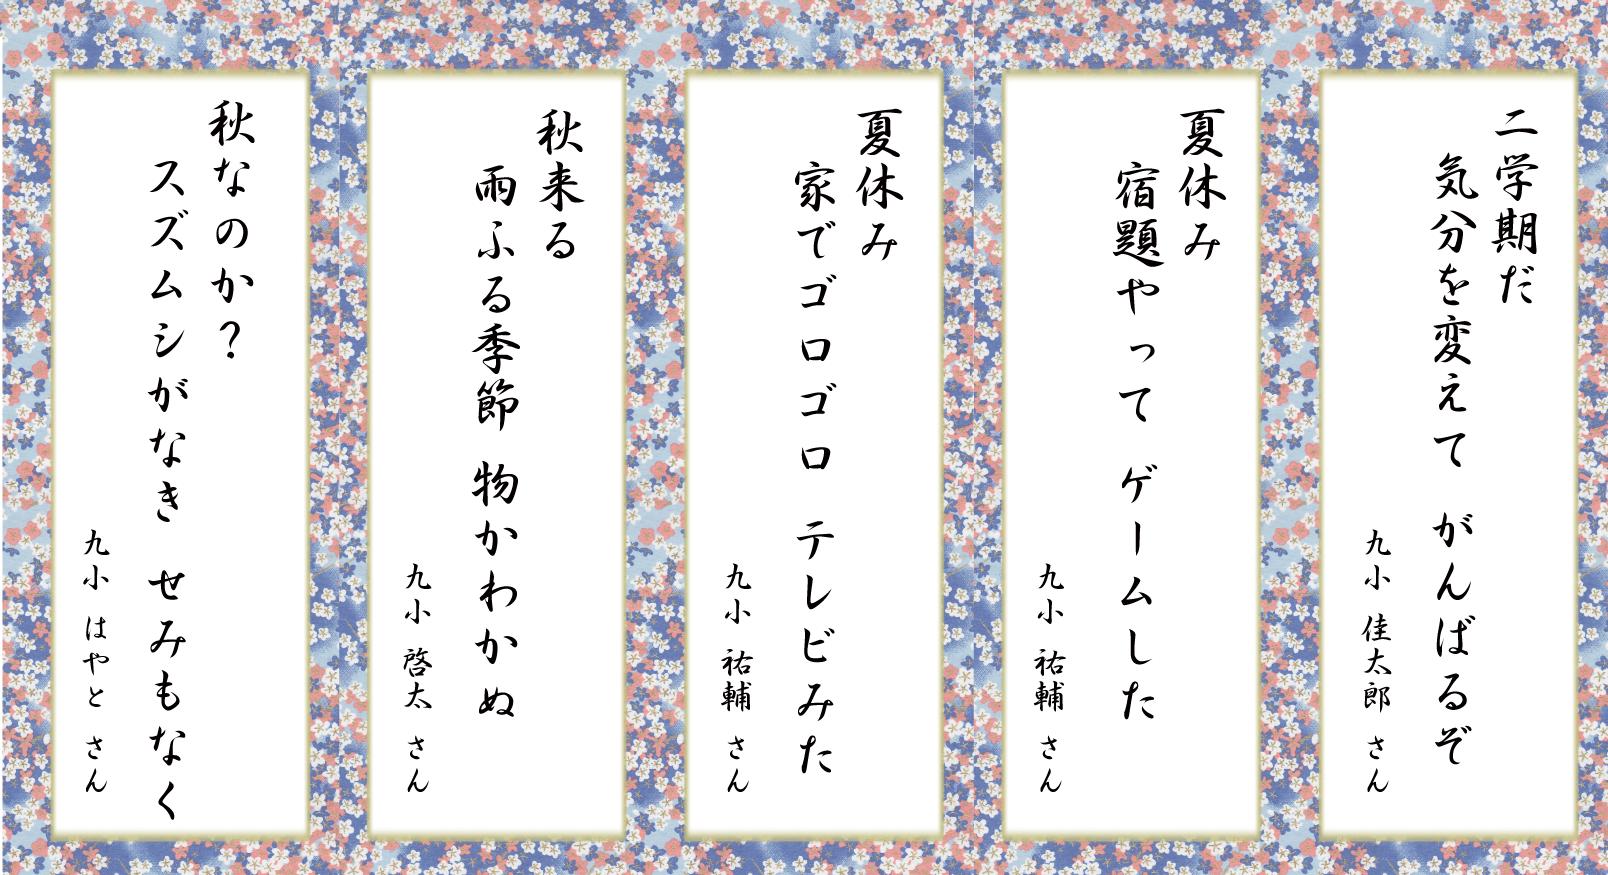 第3回 川柳コンテスト全応募作品発表 その7